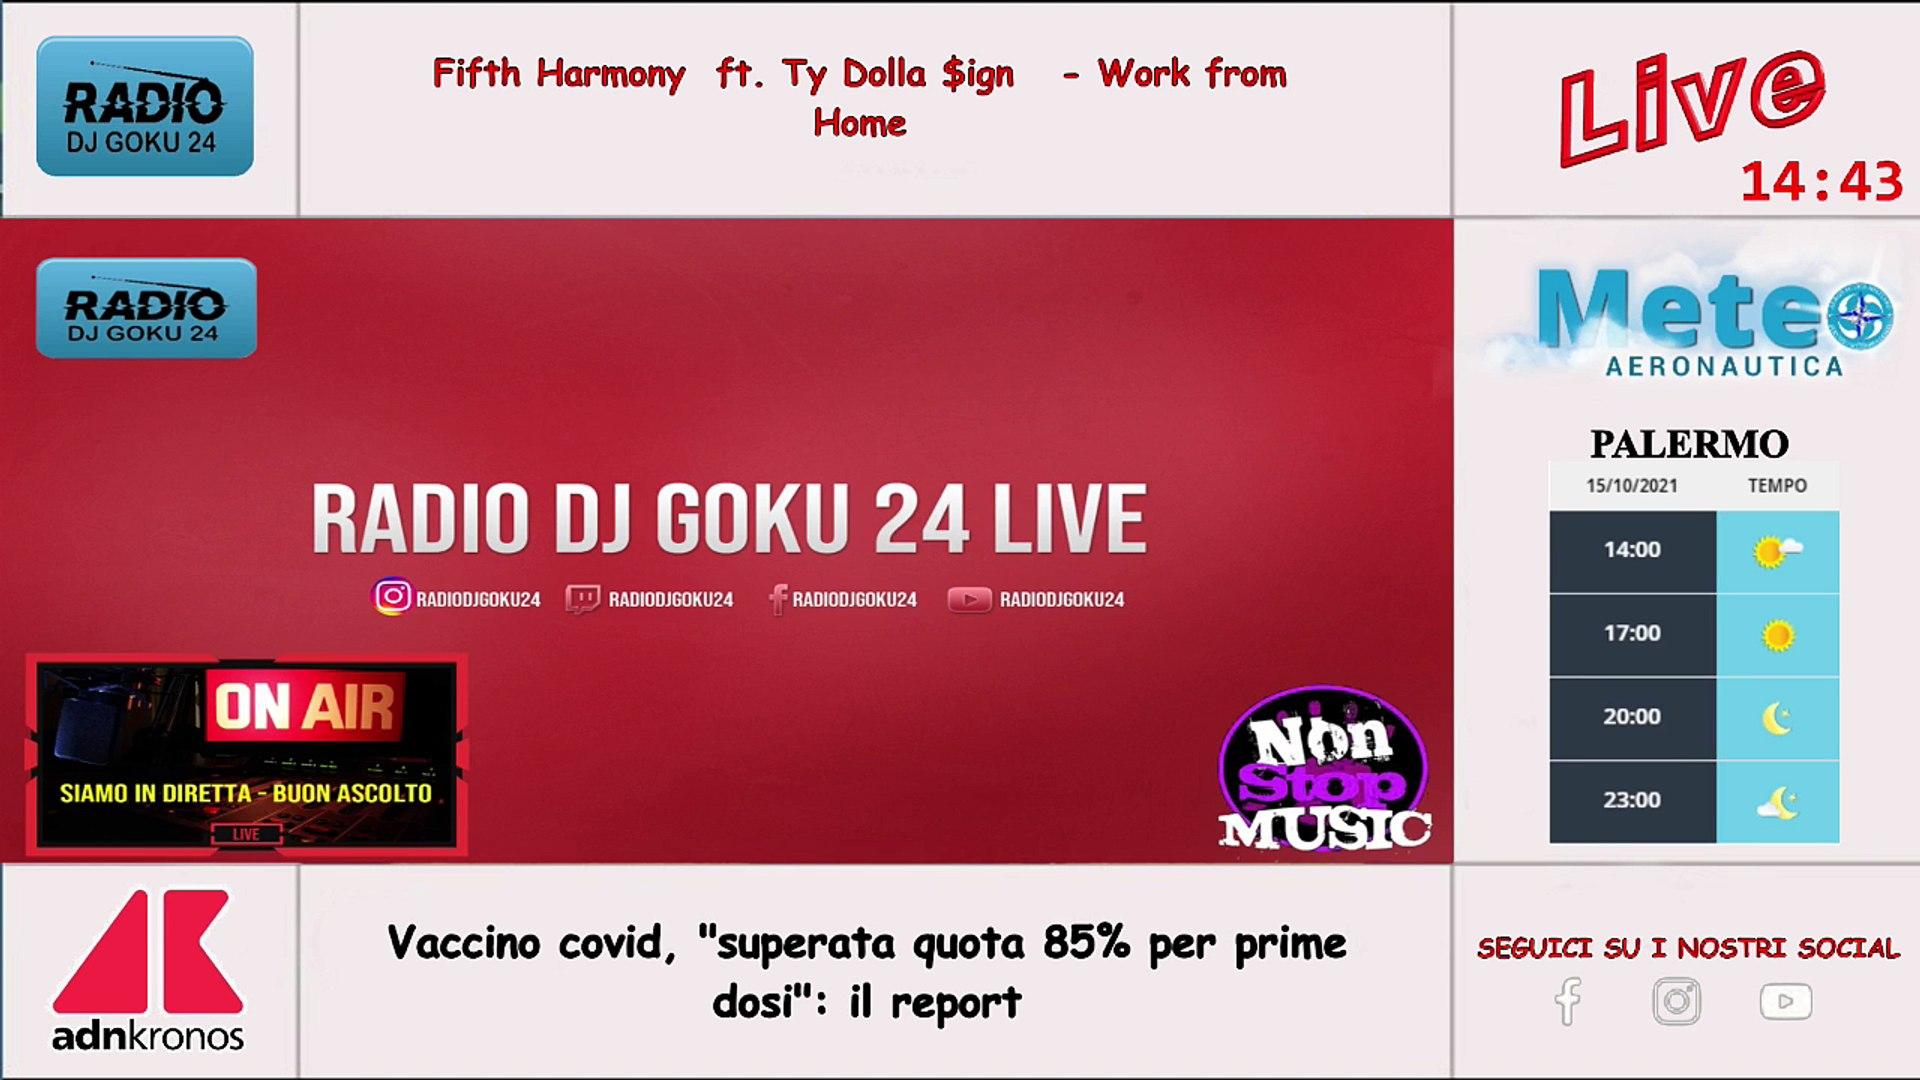 Radio Dj Goku 24 Live